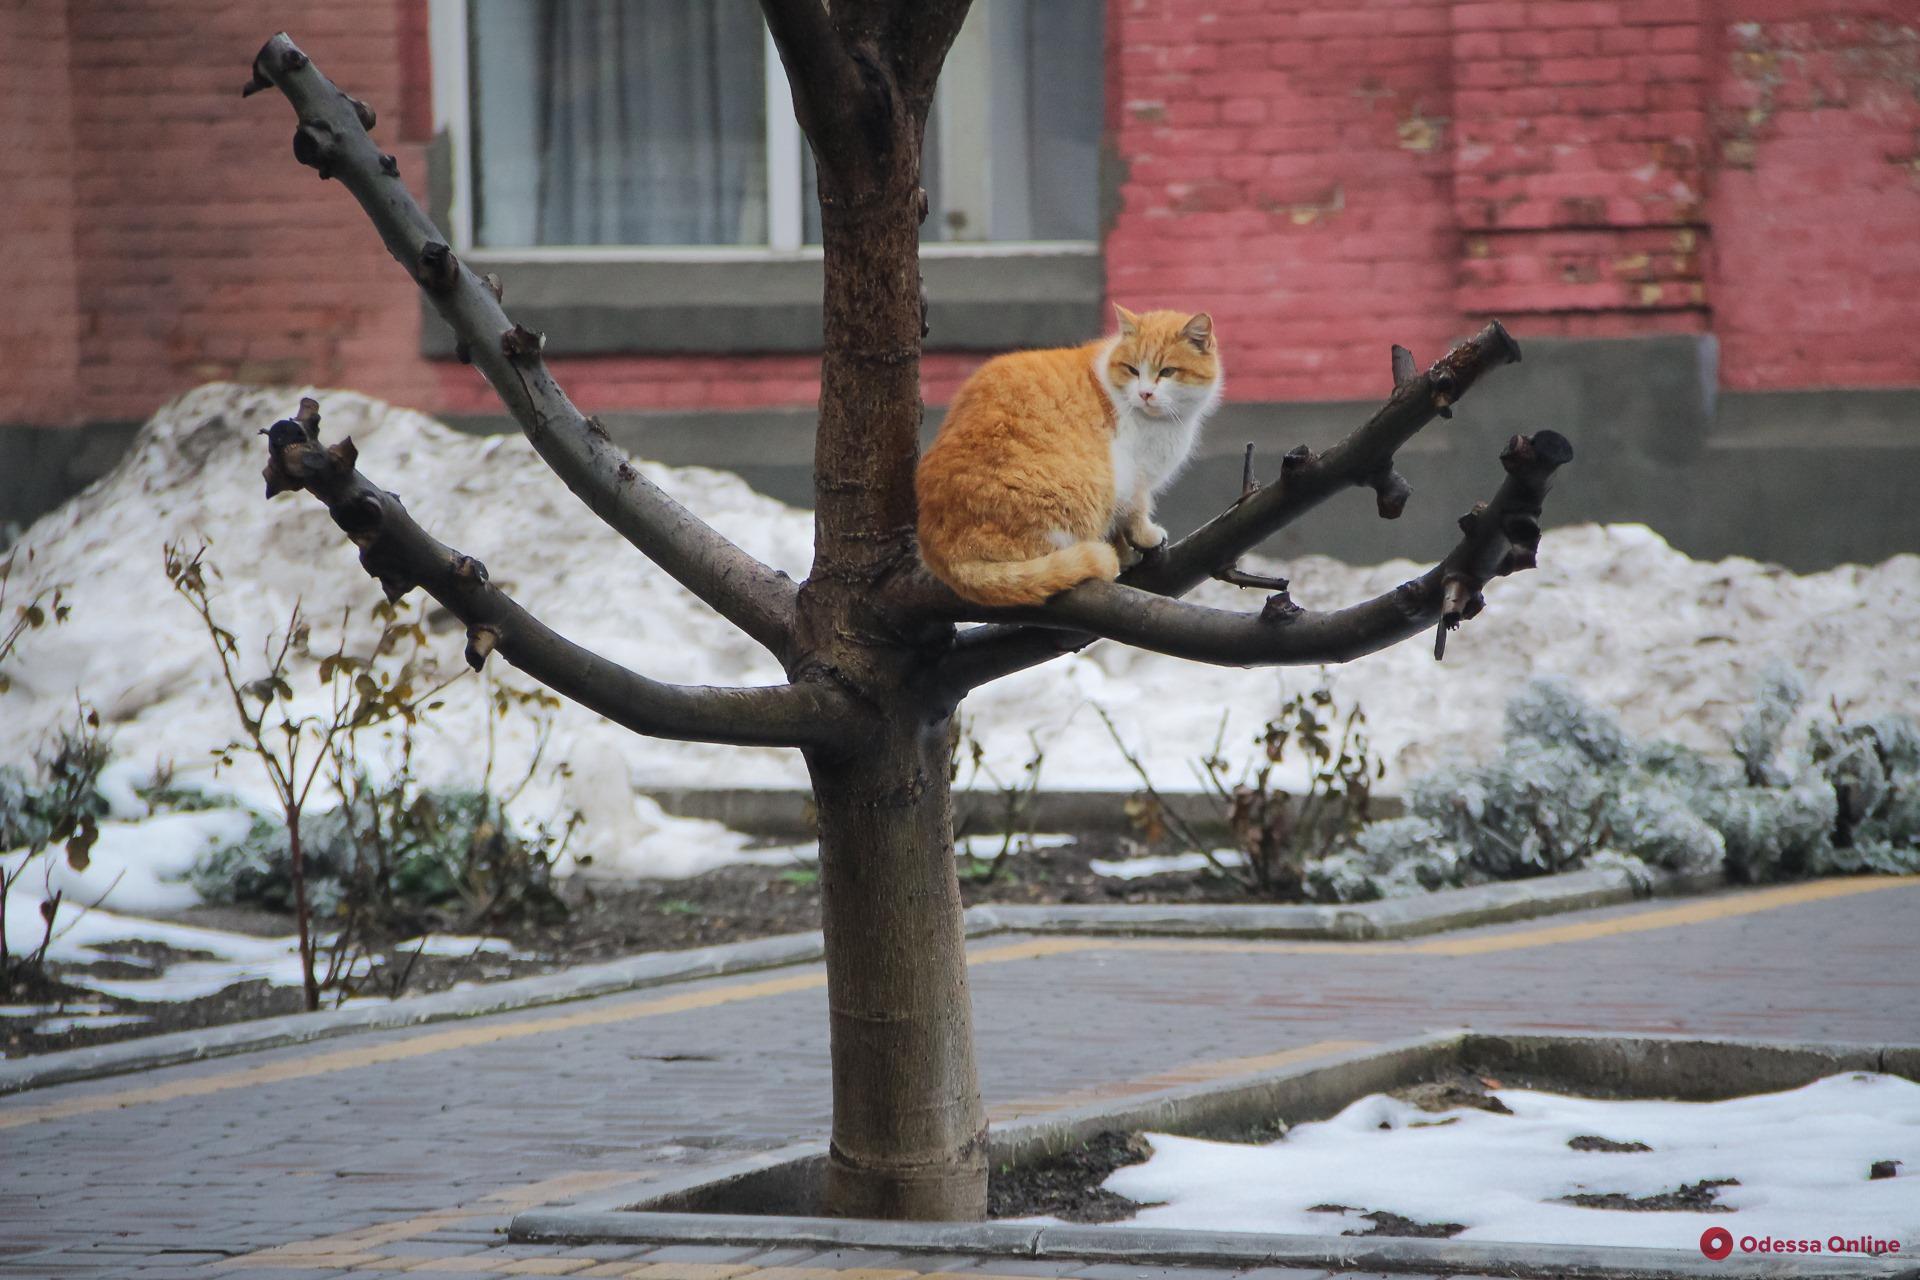 Погода в Одессе: 11 февраля столбик термометра поднимется до +9